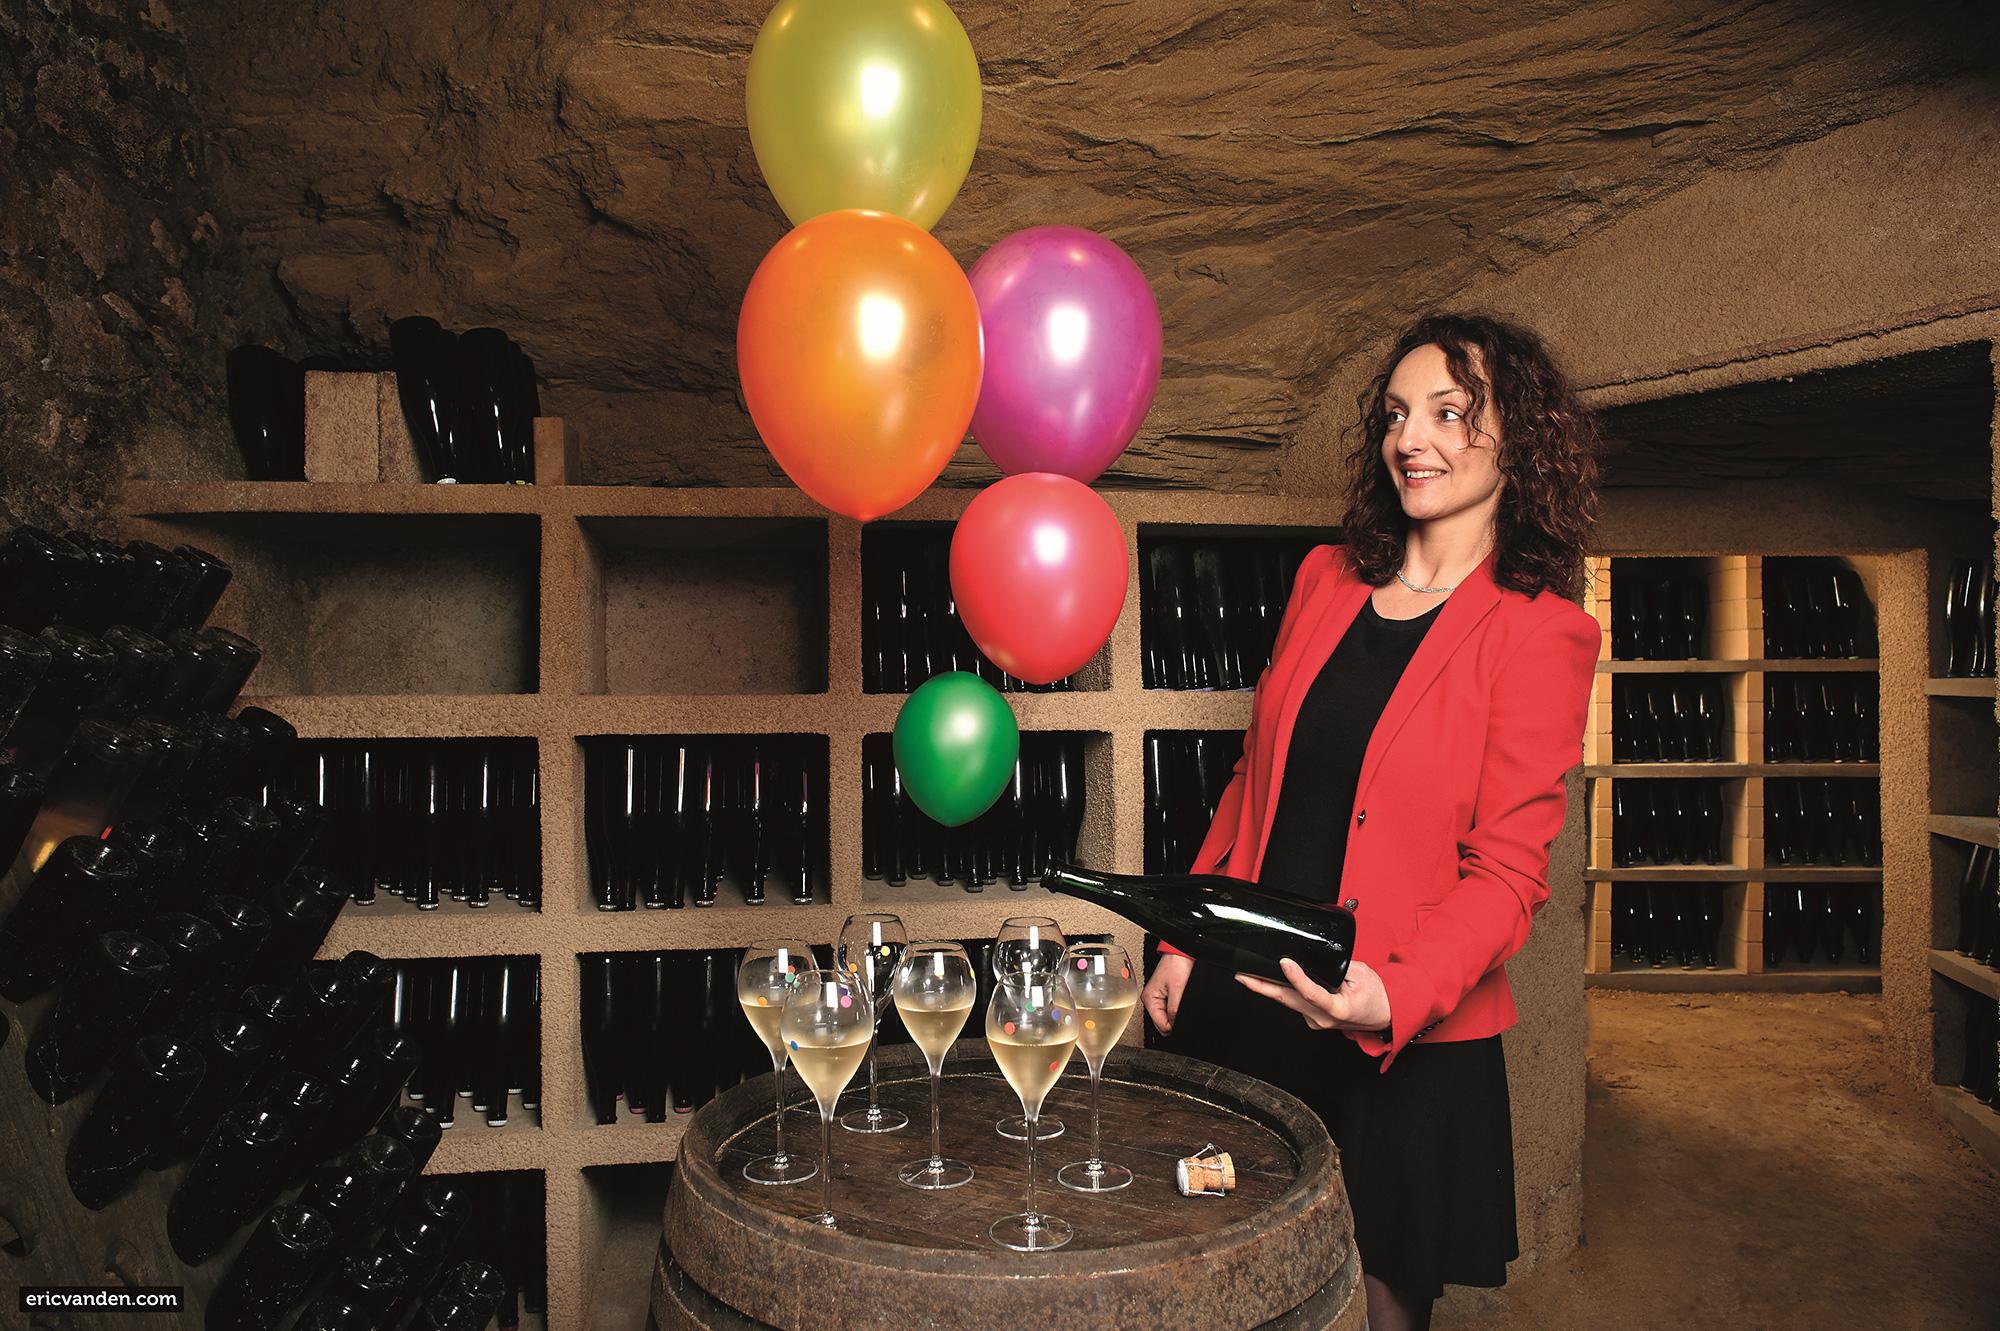 Champagne Cossy : «Joyeuse effervescence»